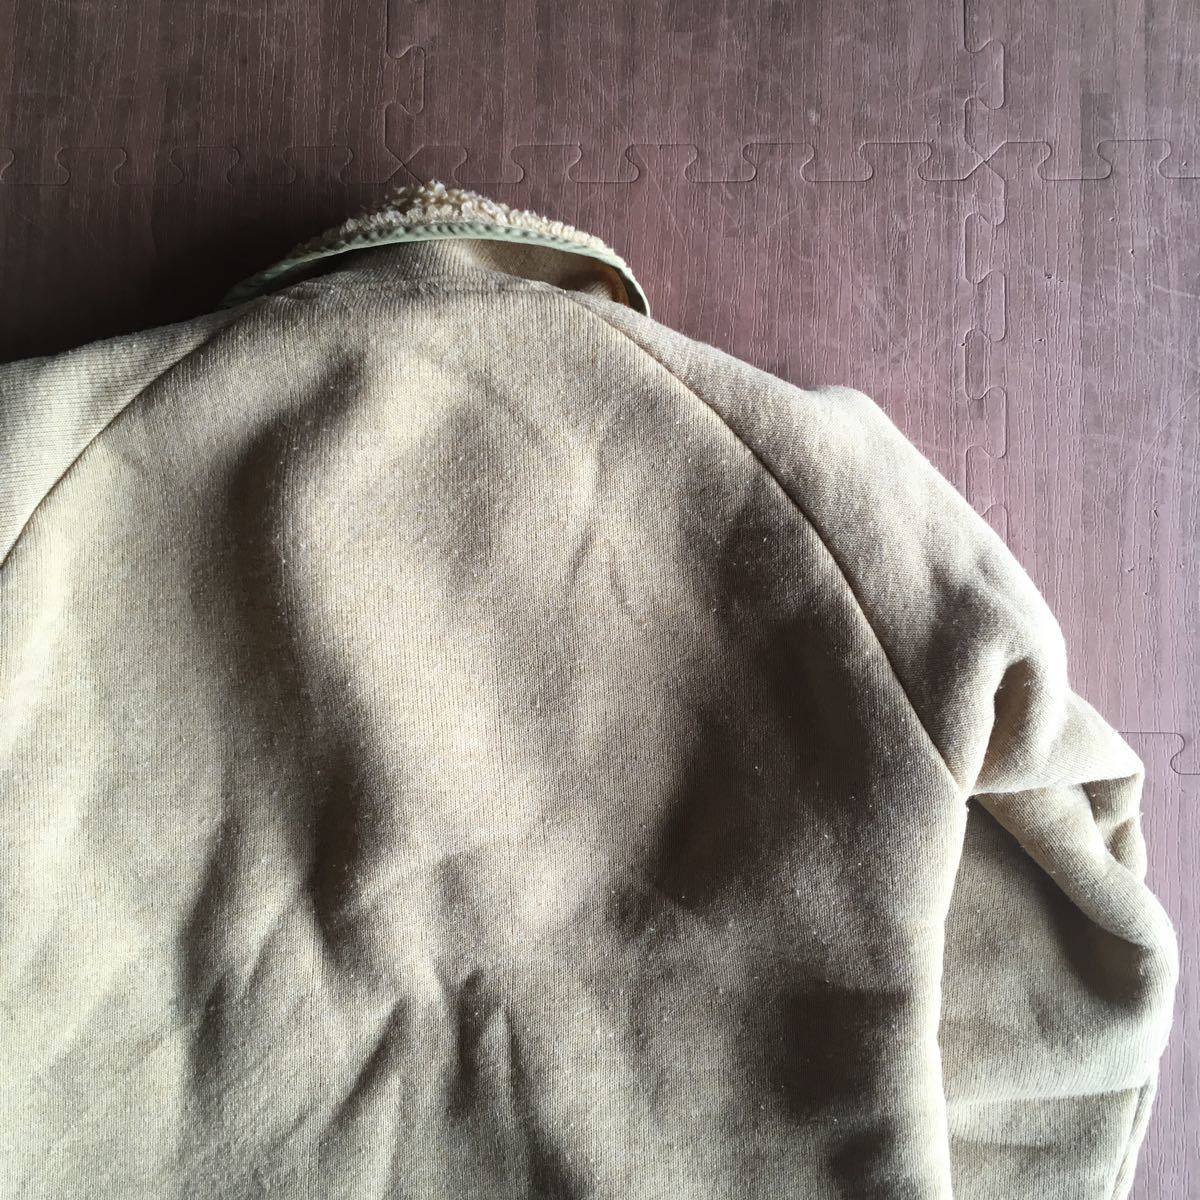 70s patagonia 白タグ パイル プルオーバー ジャケット ビンテージ オリジナル デカタグ vintage YKK / レトロ mars シュイナード サーフ_画像4